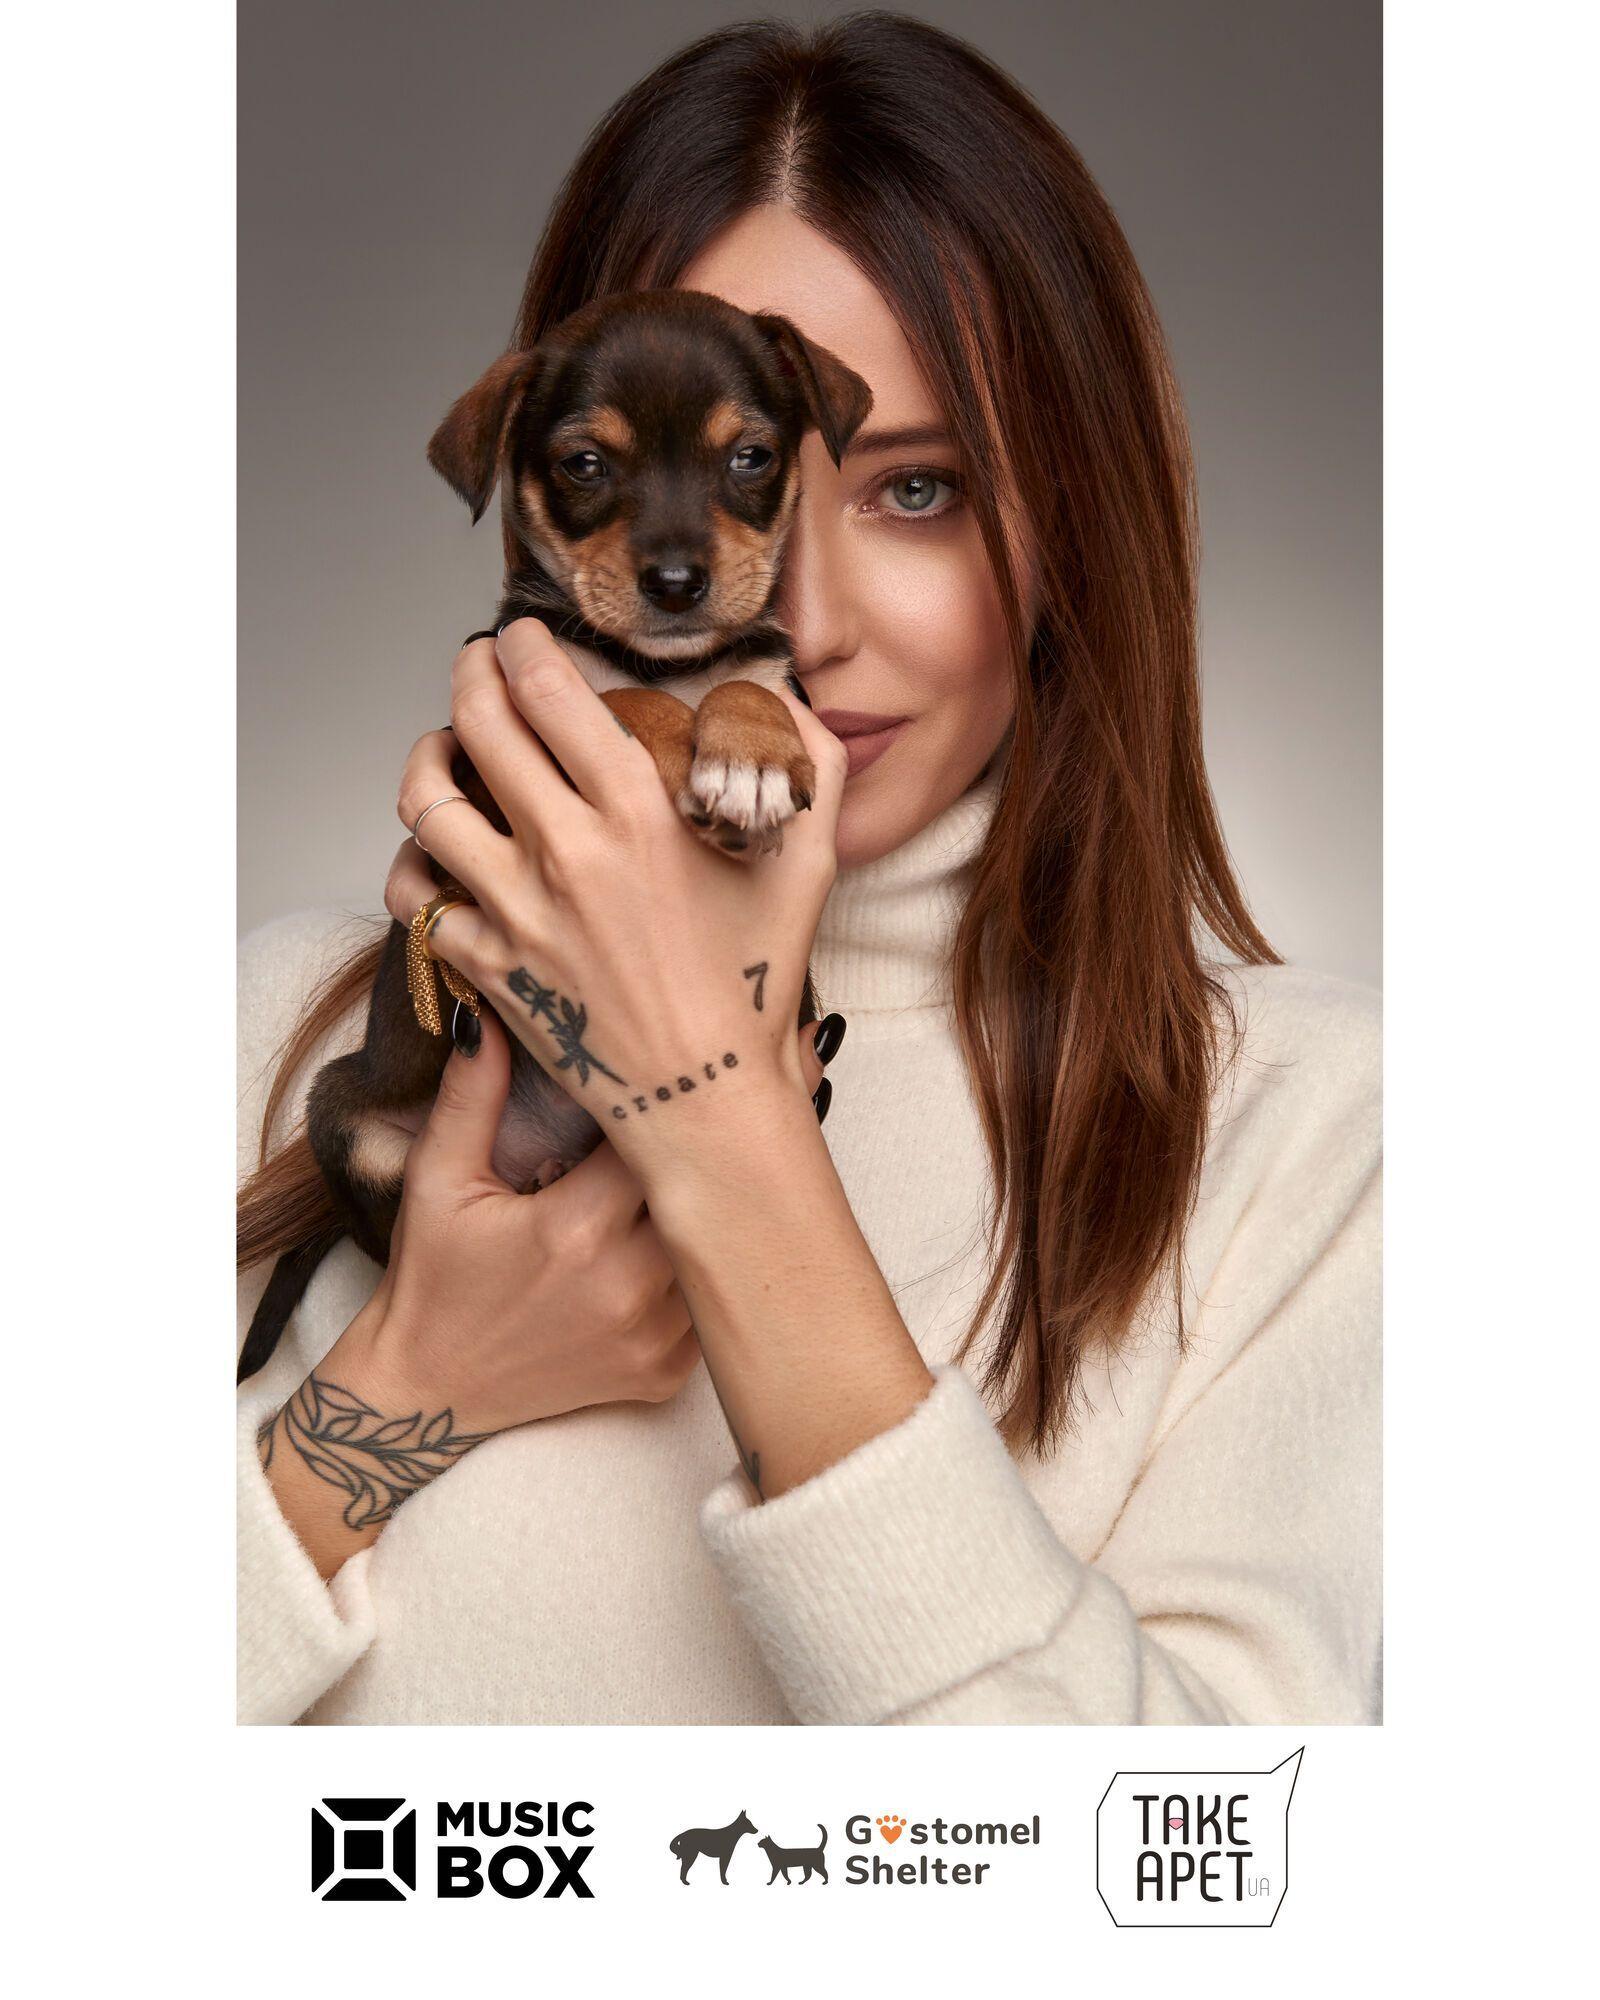 Надя Дорофеева снялась для календаря в поддержку бездомных животных